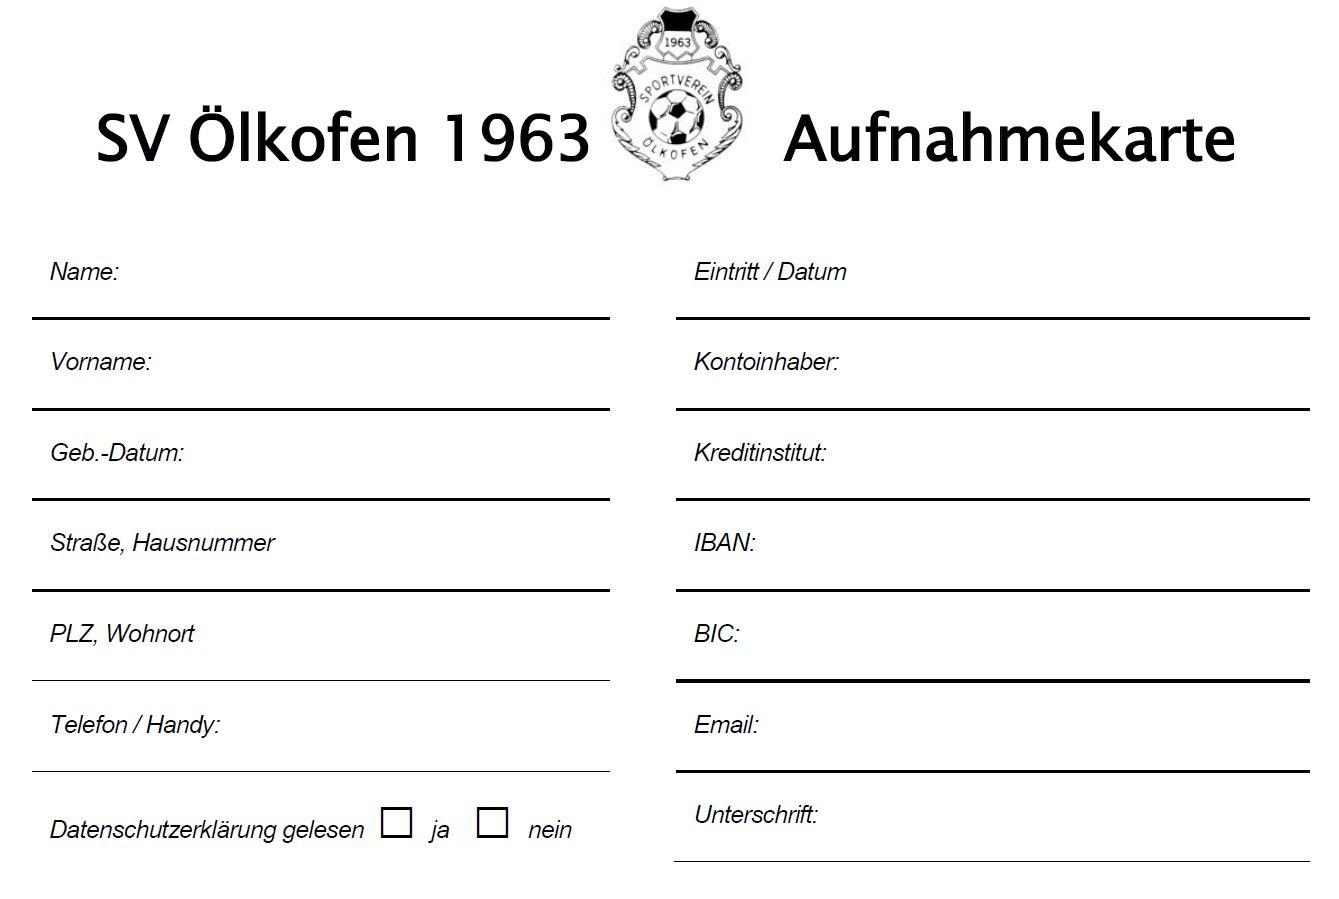 Aufnahmekarte SVÖ